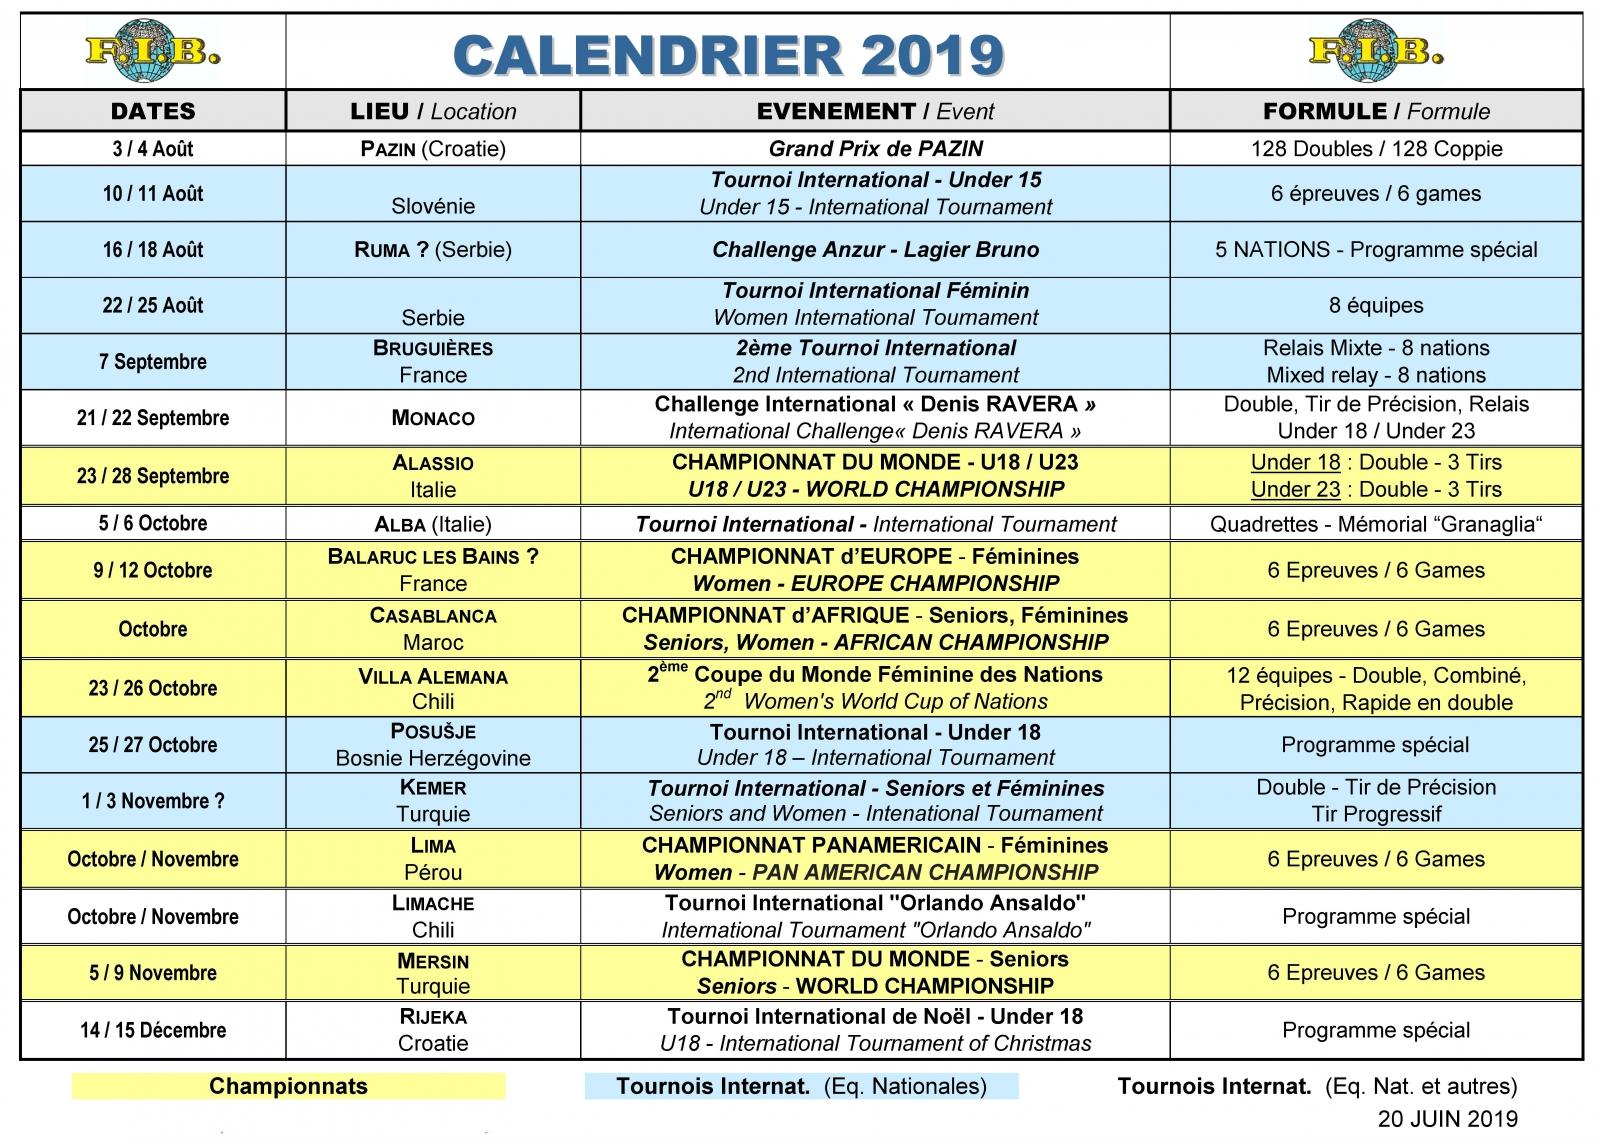 Calendrier Championnat De France Petanque 2019.Calendrier 2019 Federation Internationale De Boules